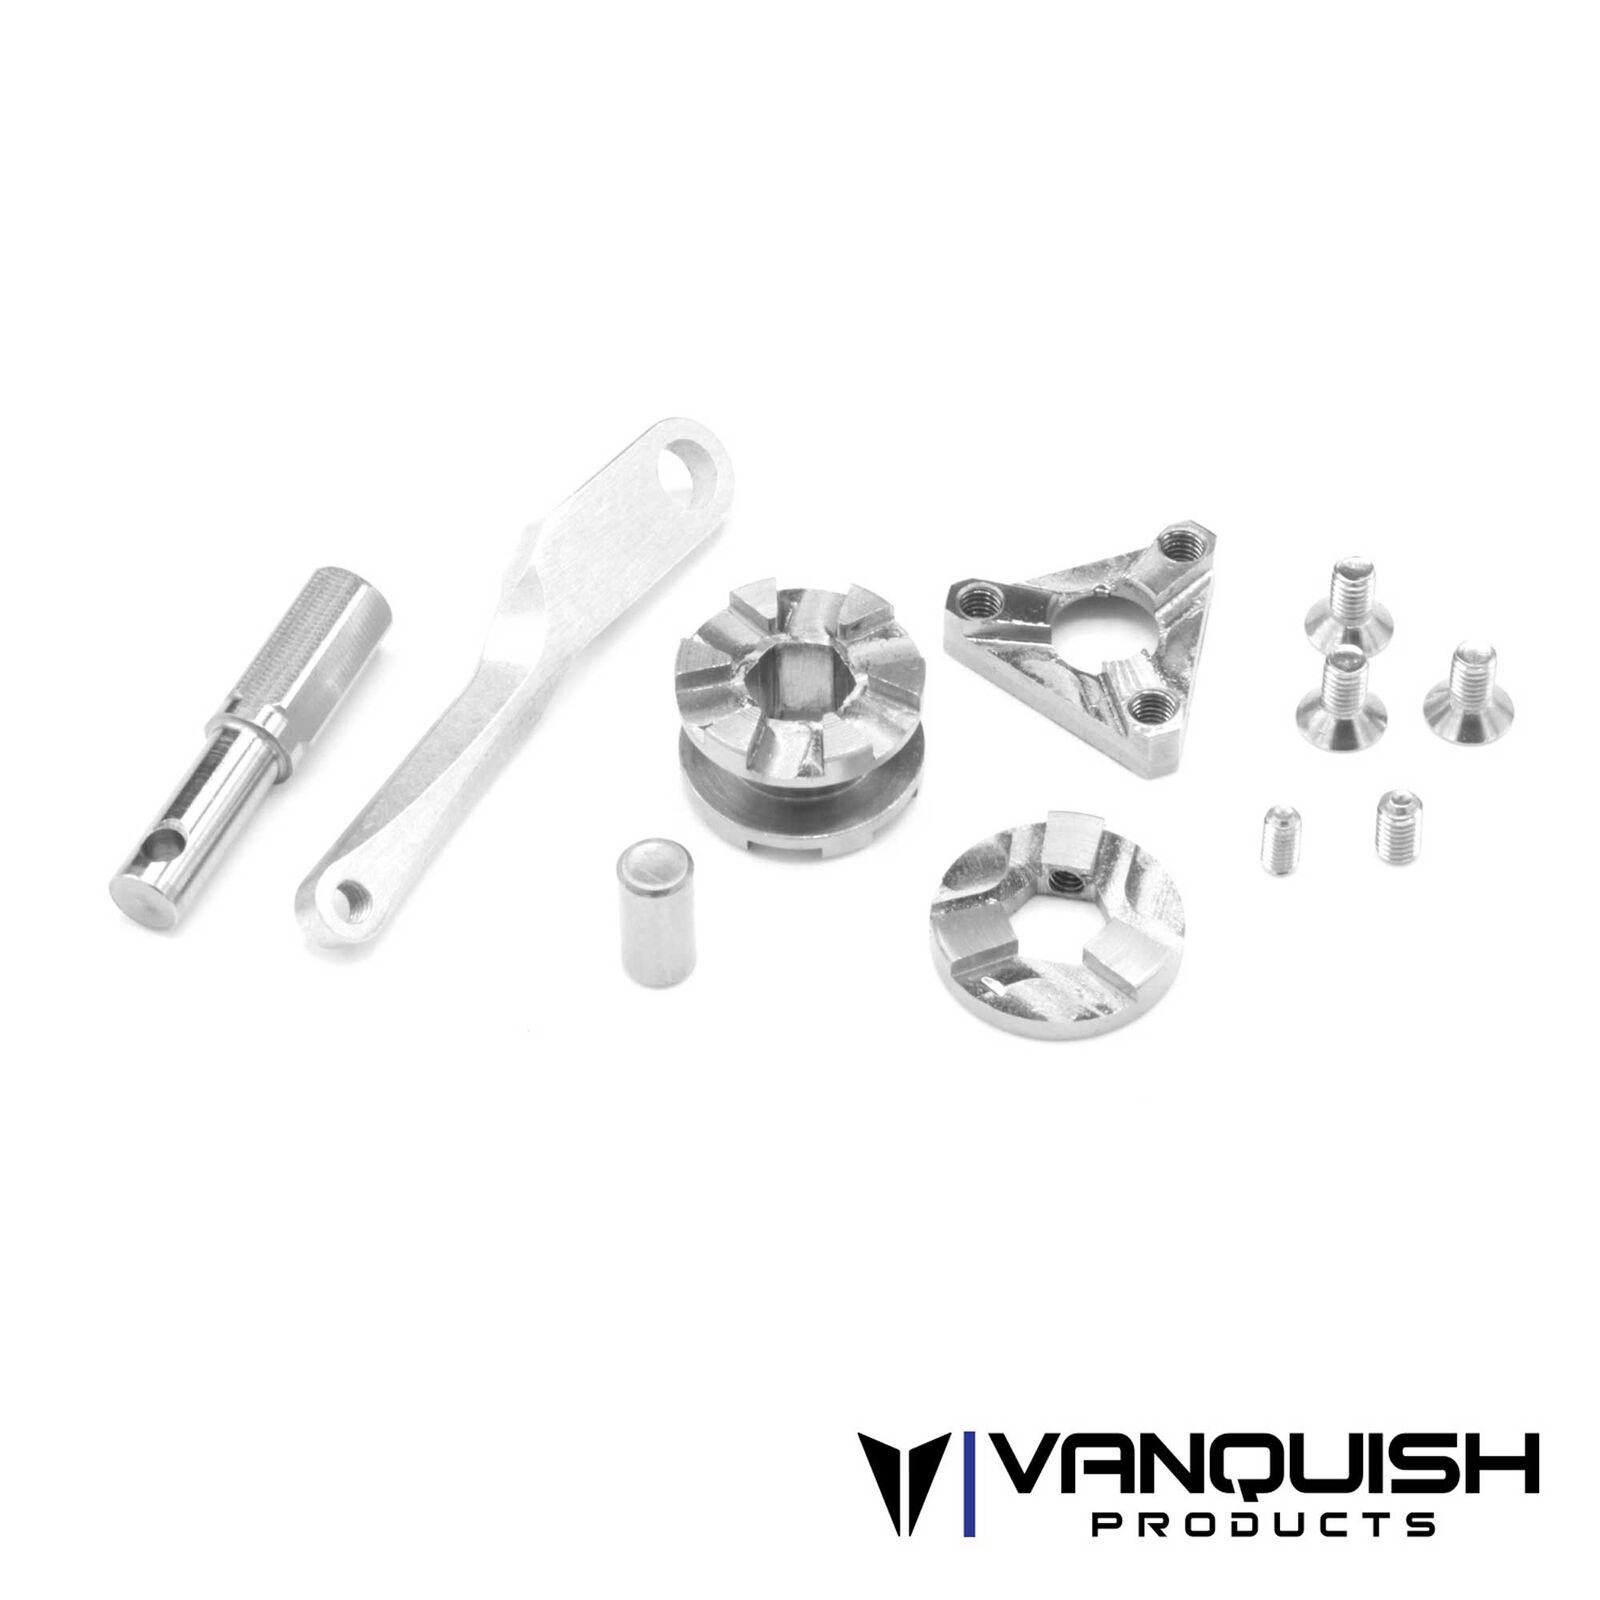 Hurtz Dig V2 Replacement Components